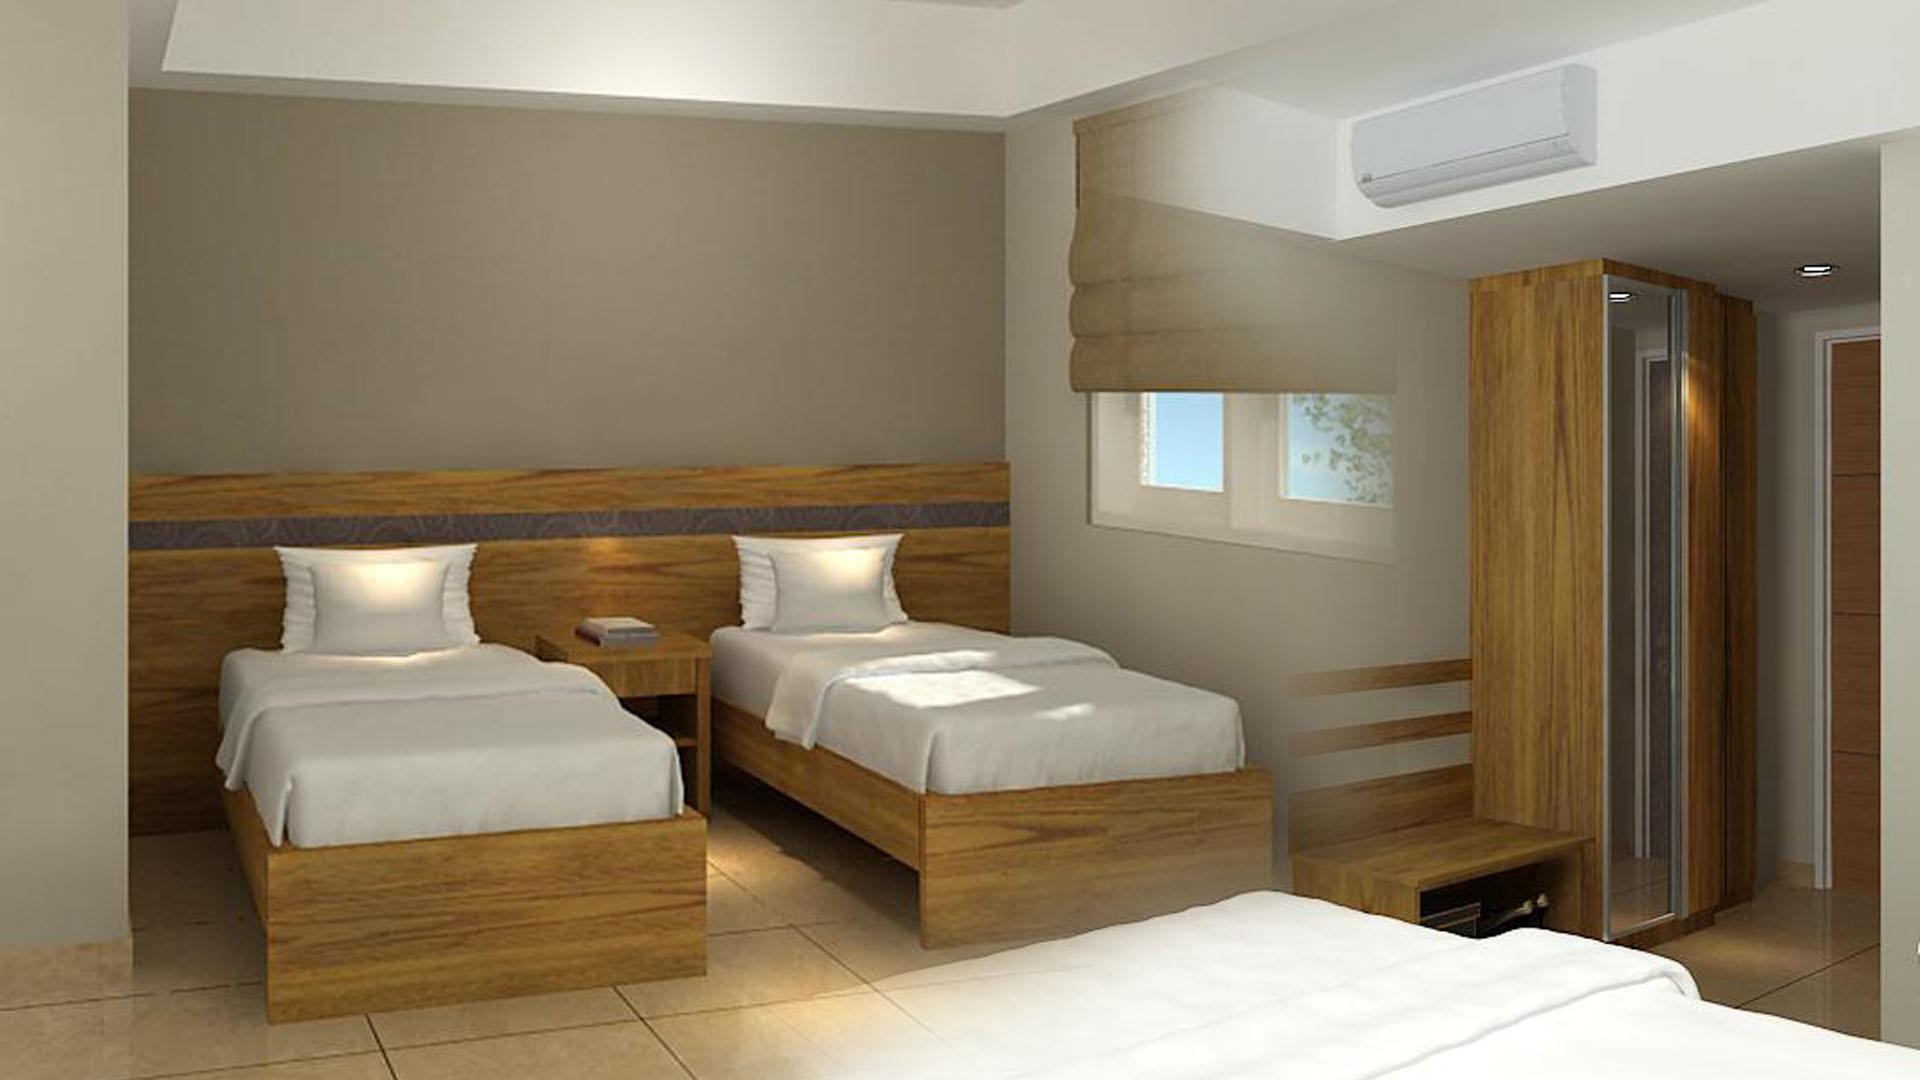 nite day hotel rh niteanddayhotels com